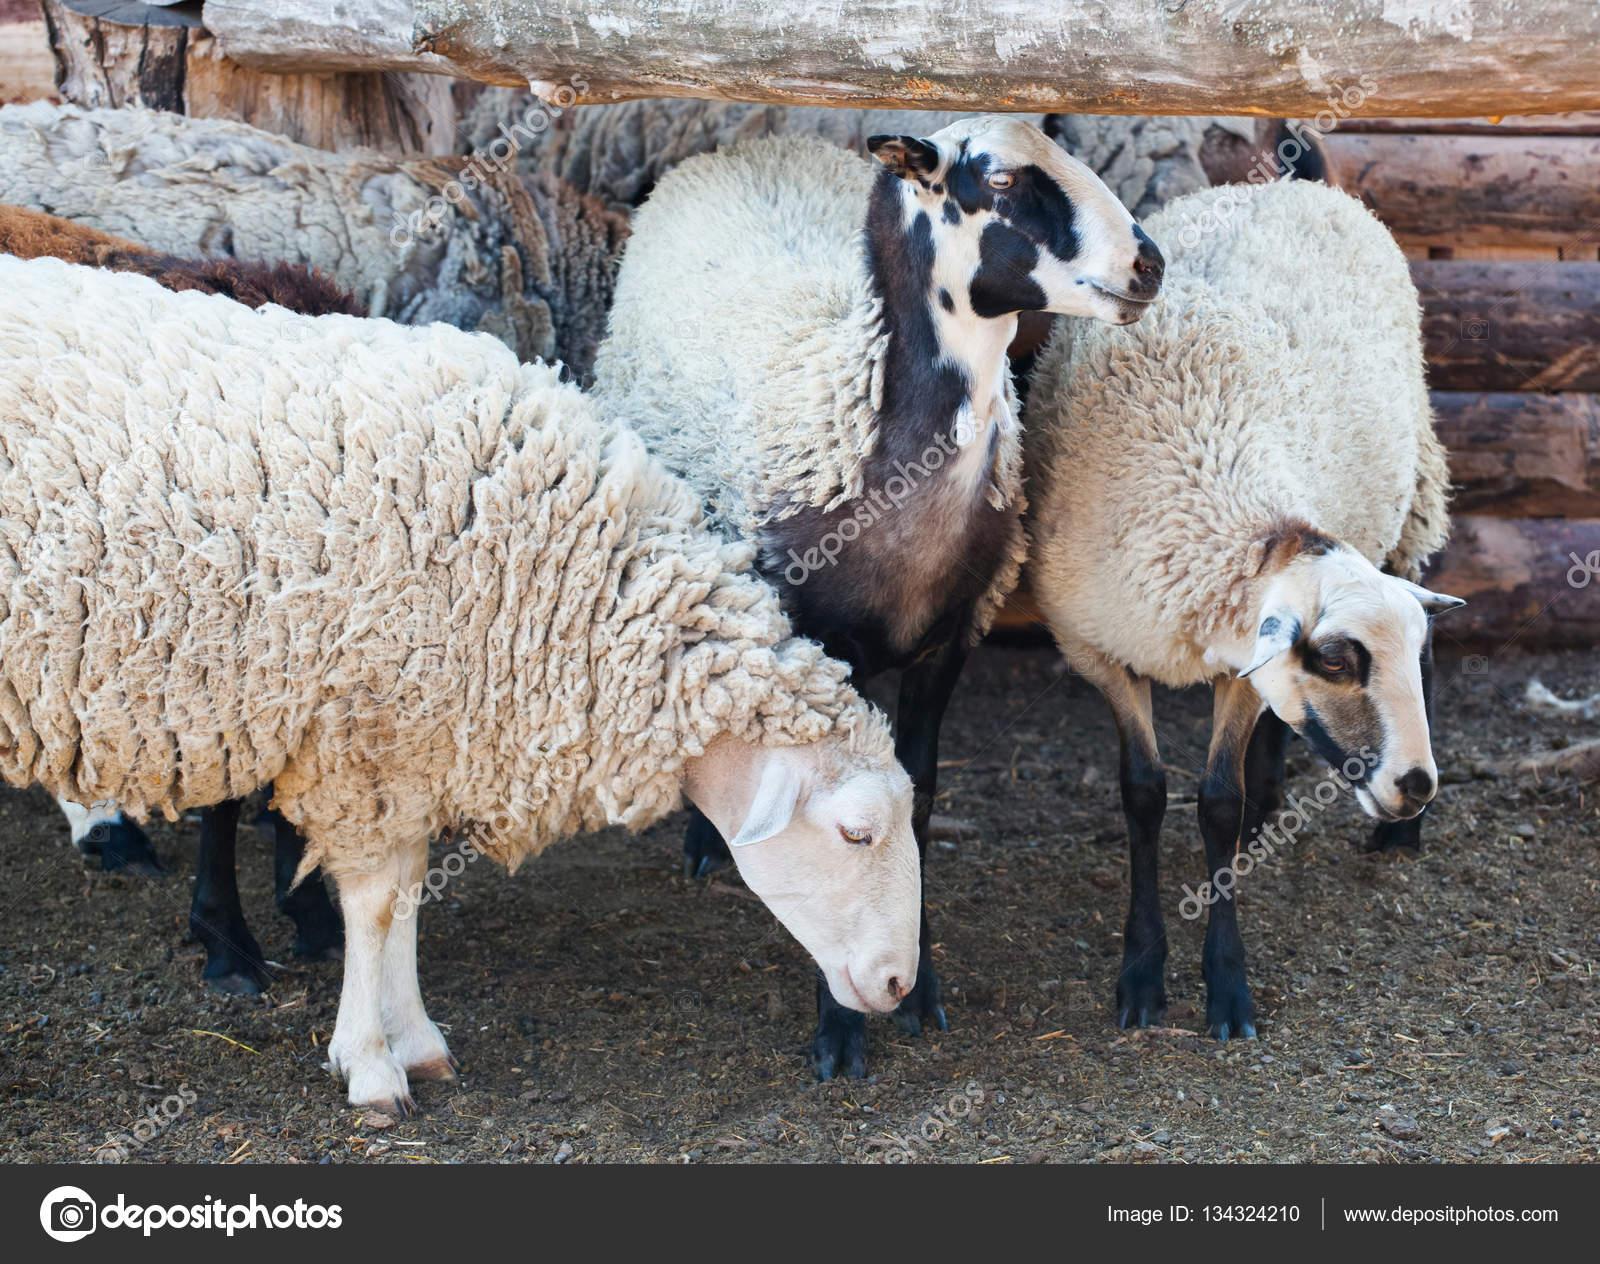 Uitzonderlijk kudde schapen uit corral voor het vee in de weide. Fokken van  EN51